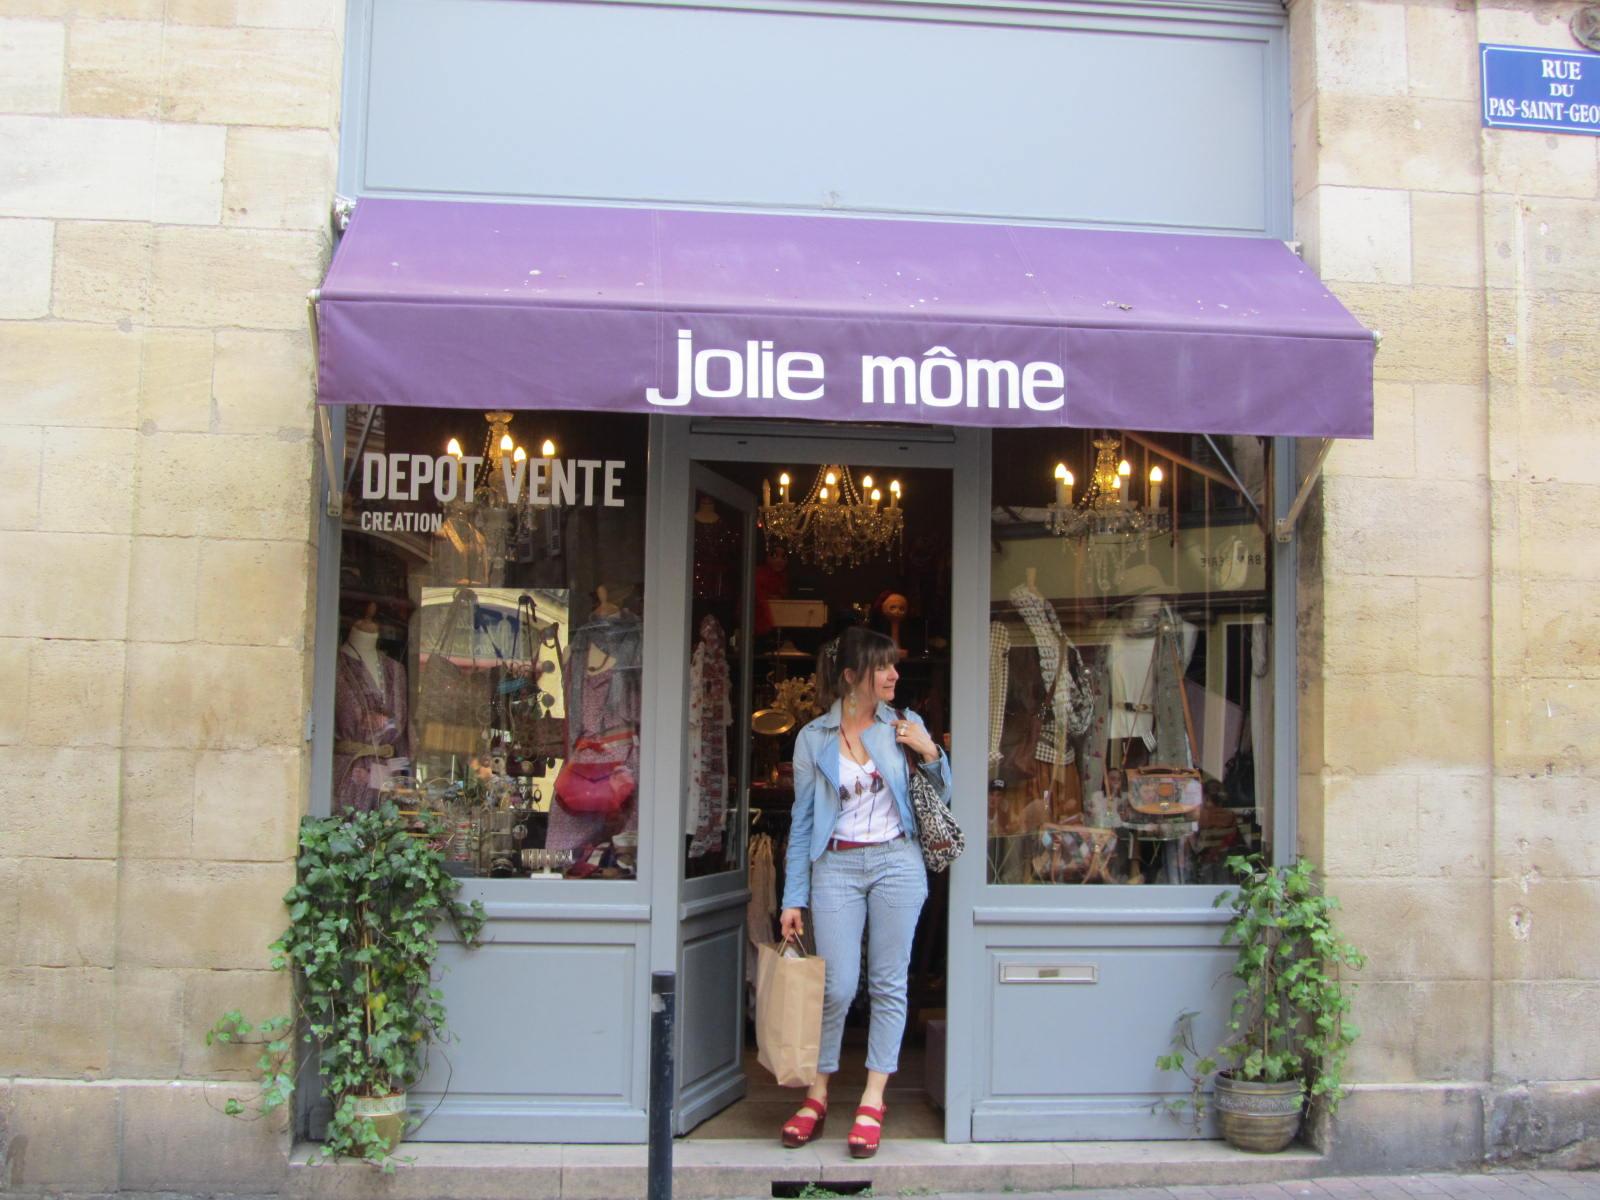 Pensez Au Dépôt Vent Jolie Môme – Groupe Sister c465d3864ee1